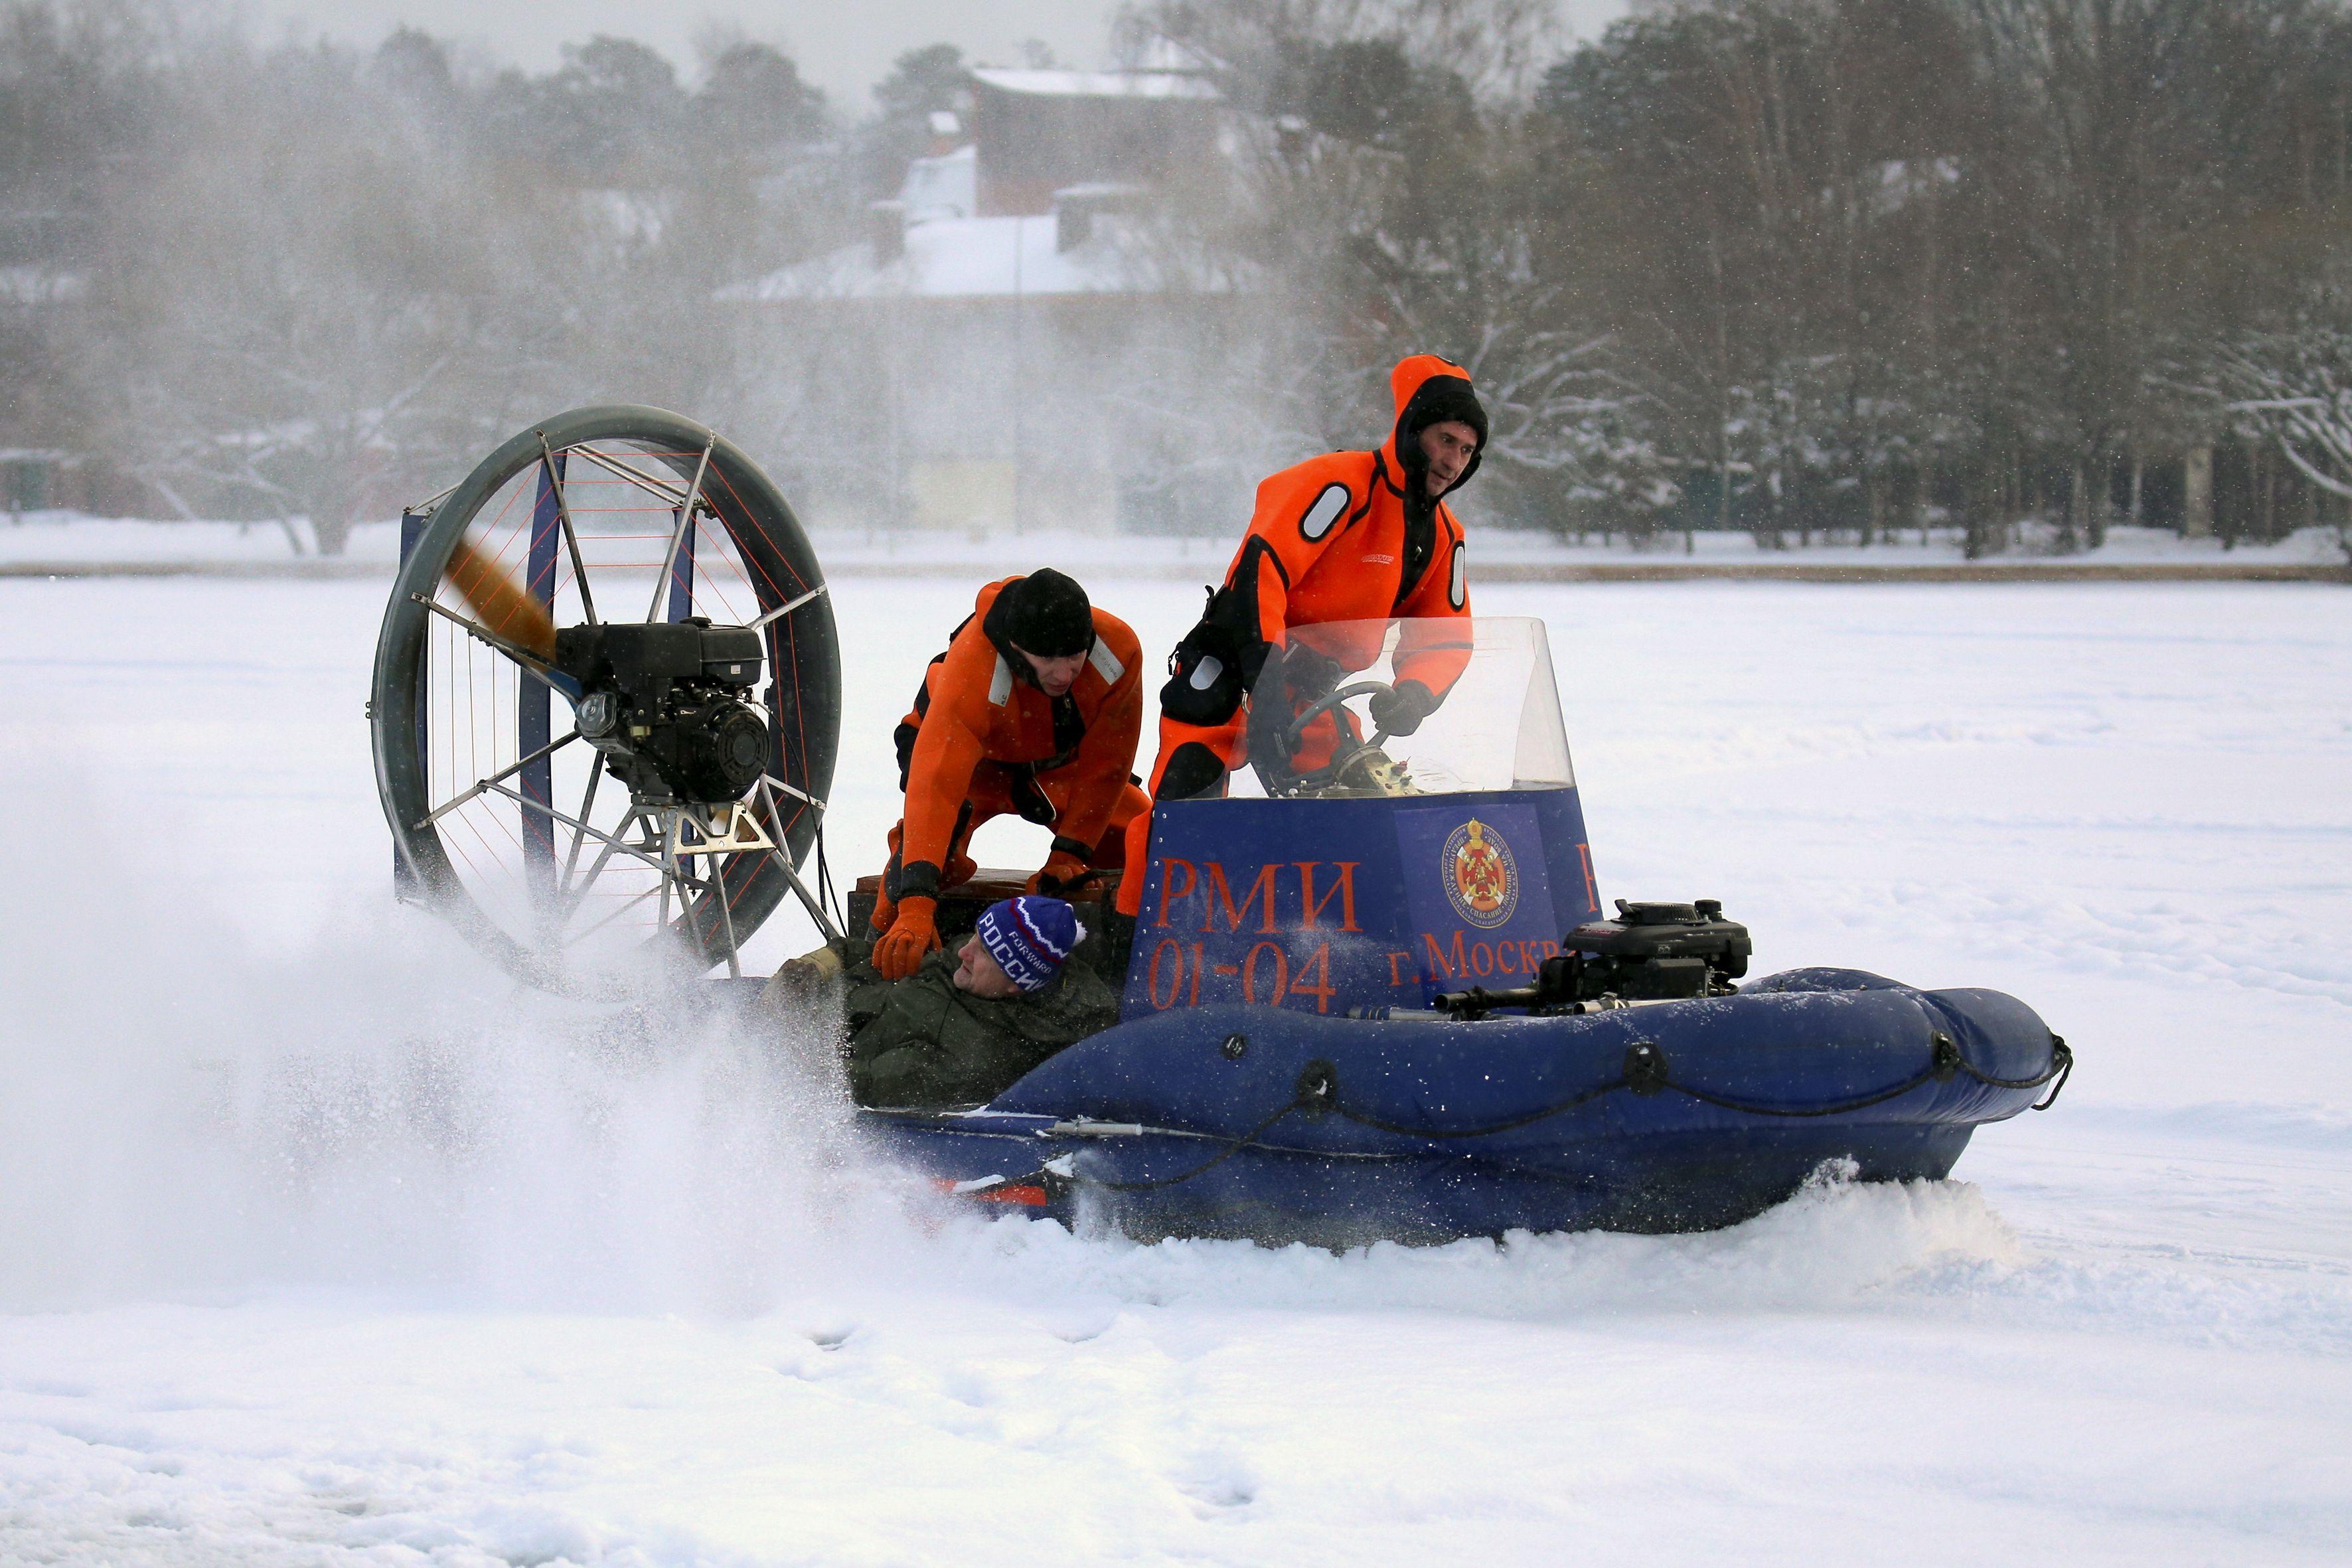 В праздничные дни спасатели обеспечивают безопасность населения на водных объектах столицы